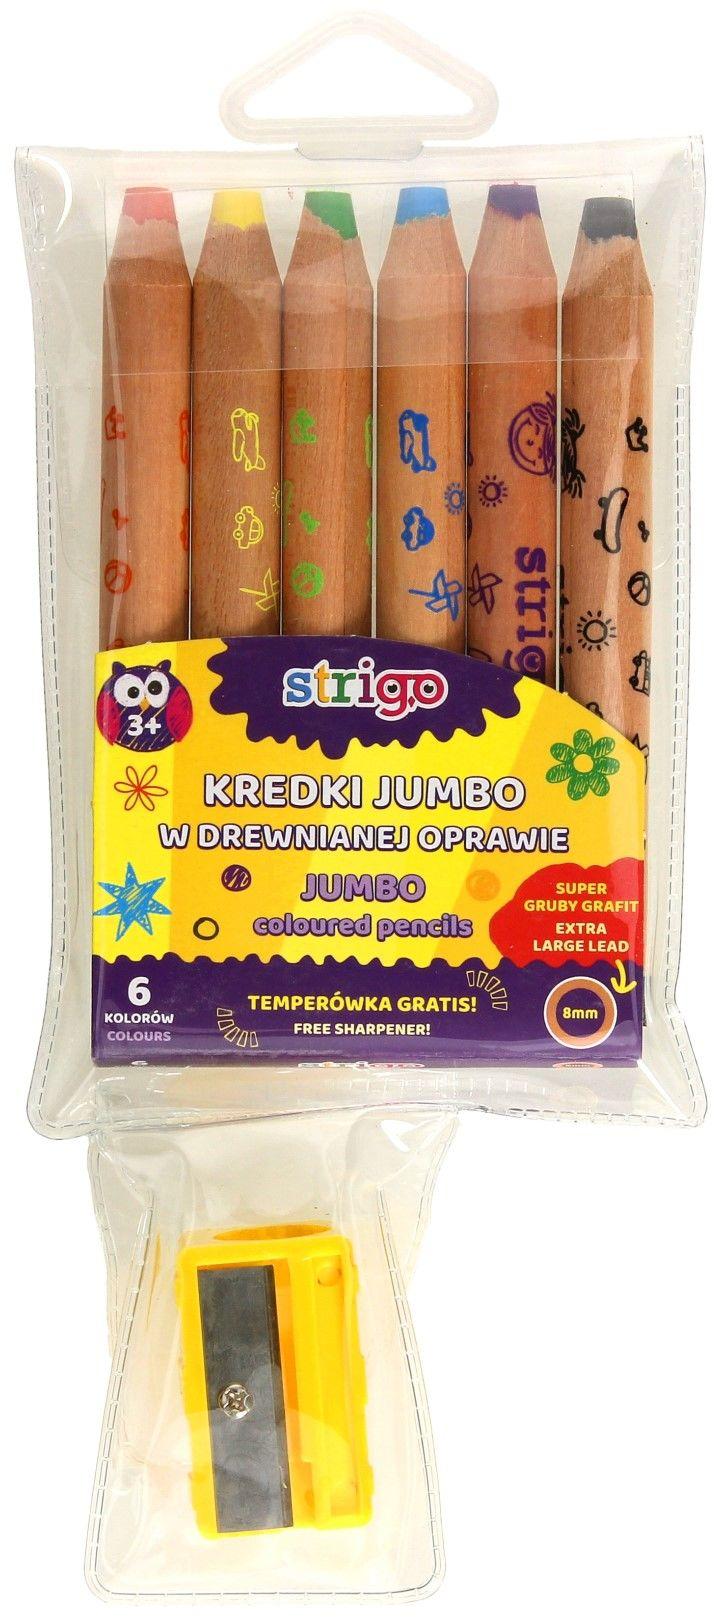 Kredki drewniane Jumbo 6kol Strigo + temperówka